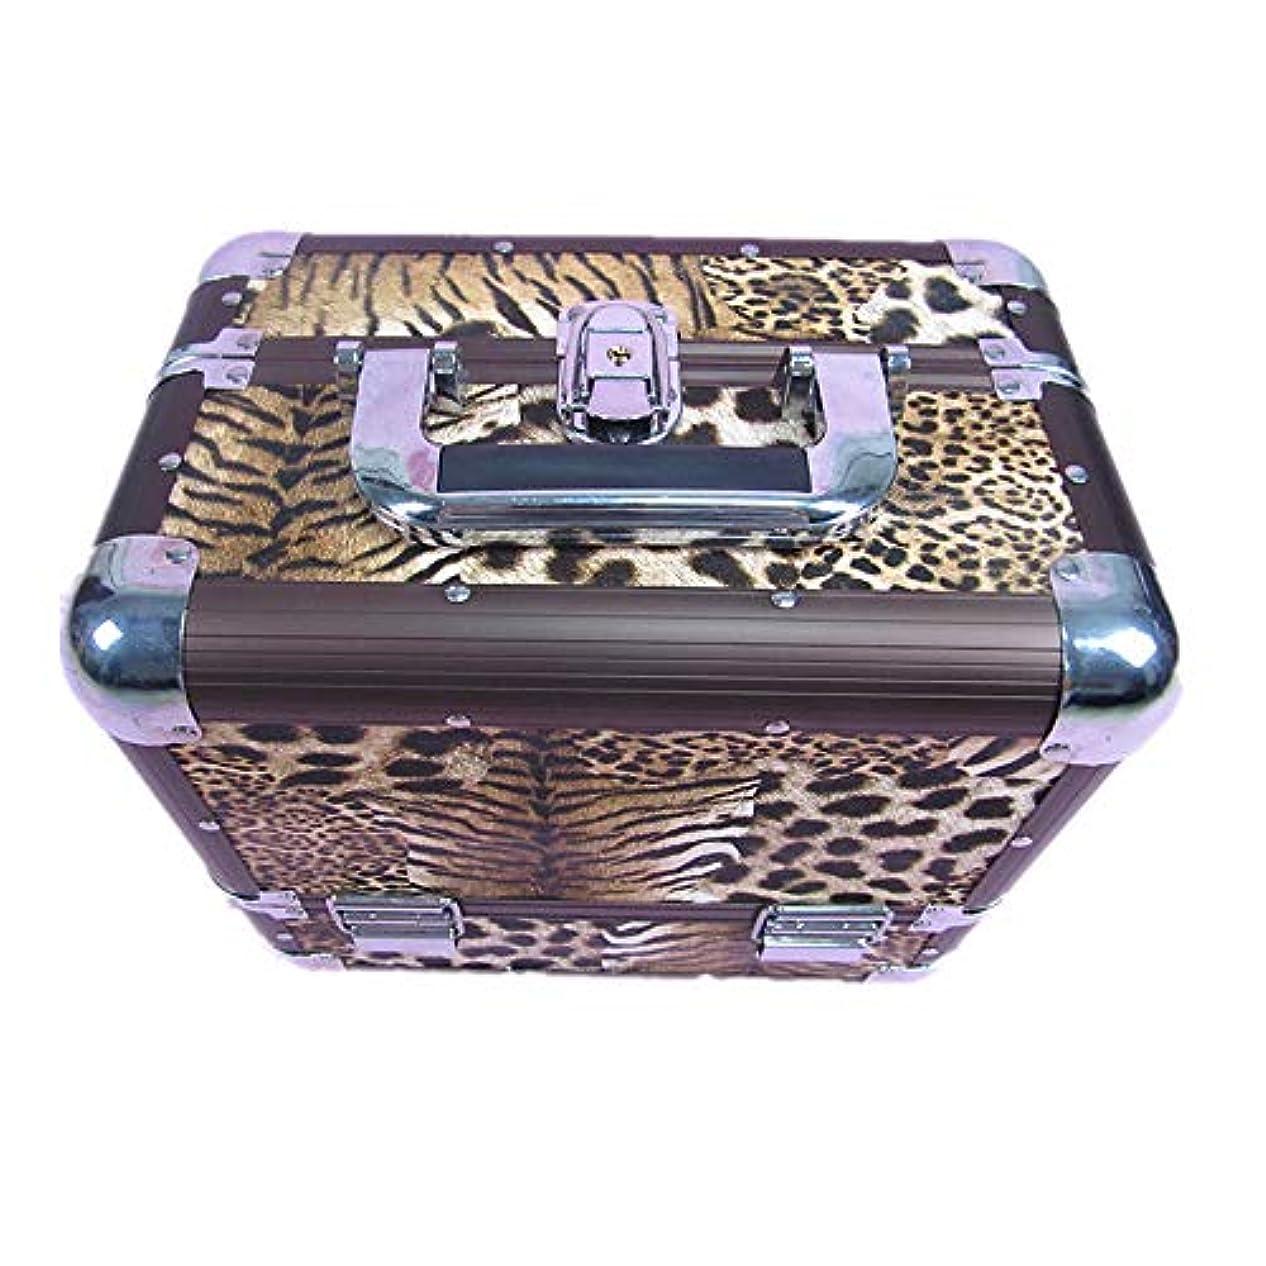 間に合わせ王室調整する化粧オーガナイザーバッグ 大容量ポータブル化粧ケース(トラベルアクセサリー用)シャンプーボディウォッシュパーソナルアイテム収納トレイ(エクステンショントレイ付) 化粧品ケース